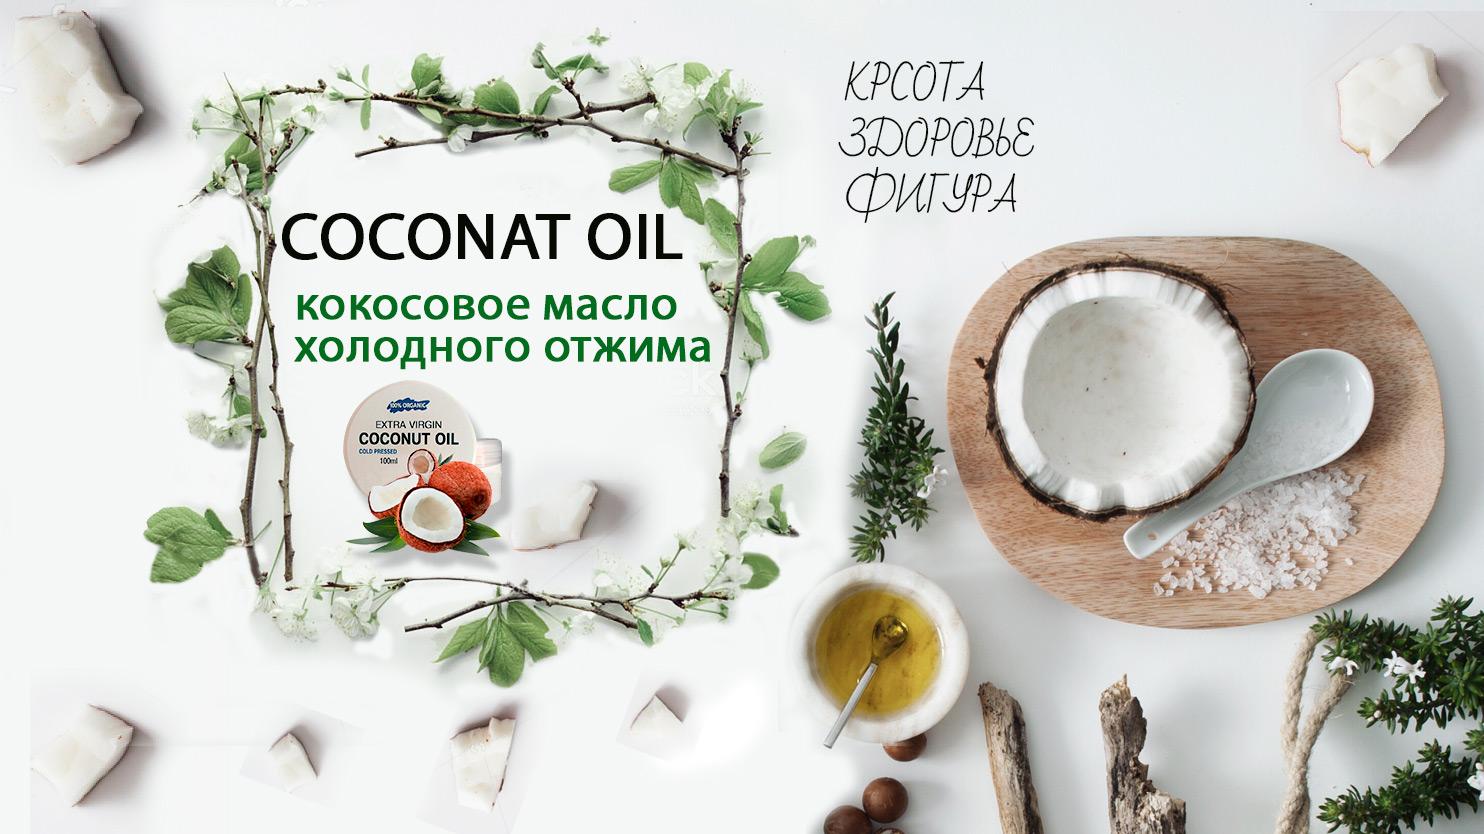 купить Coconut oil (Коконут оил) - кокосовое масло